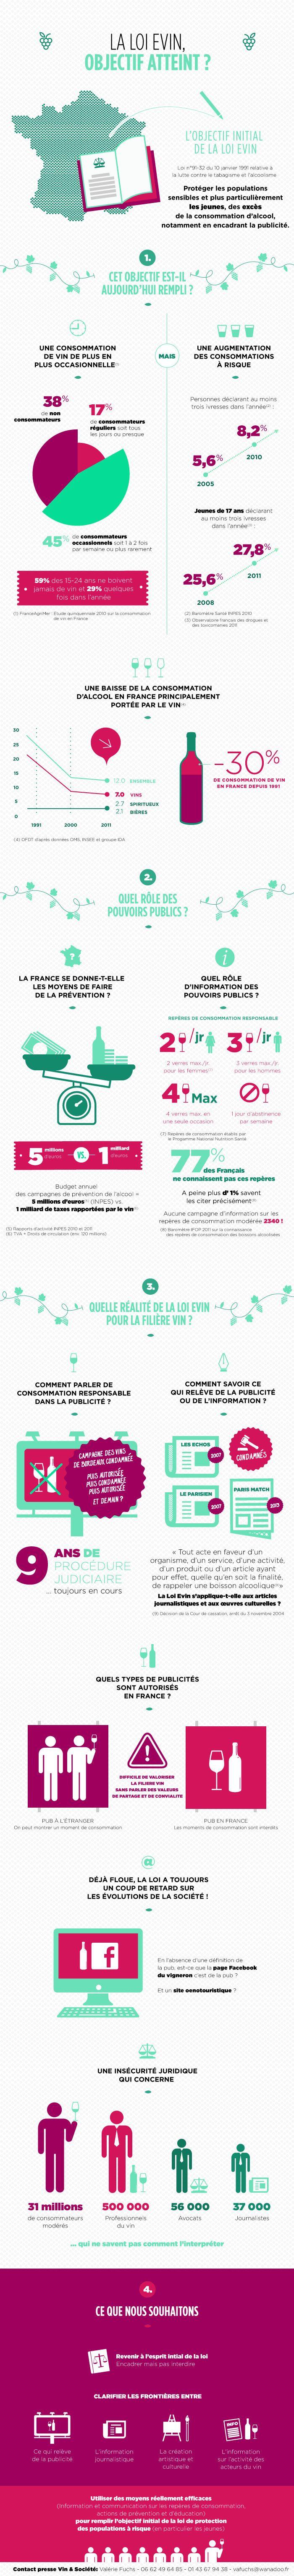 #Infographie : la Loi #Evin a-t-elle atteint son objectif plus de vingt ans après ? | @vinetsociete